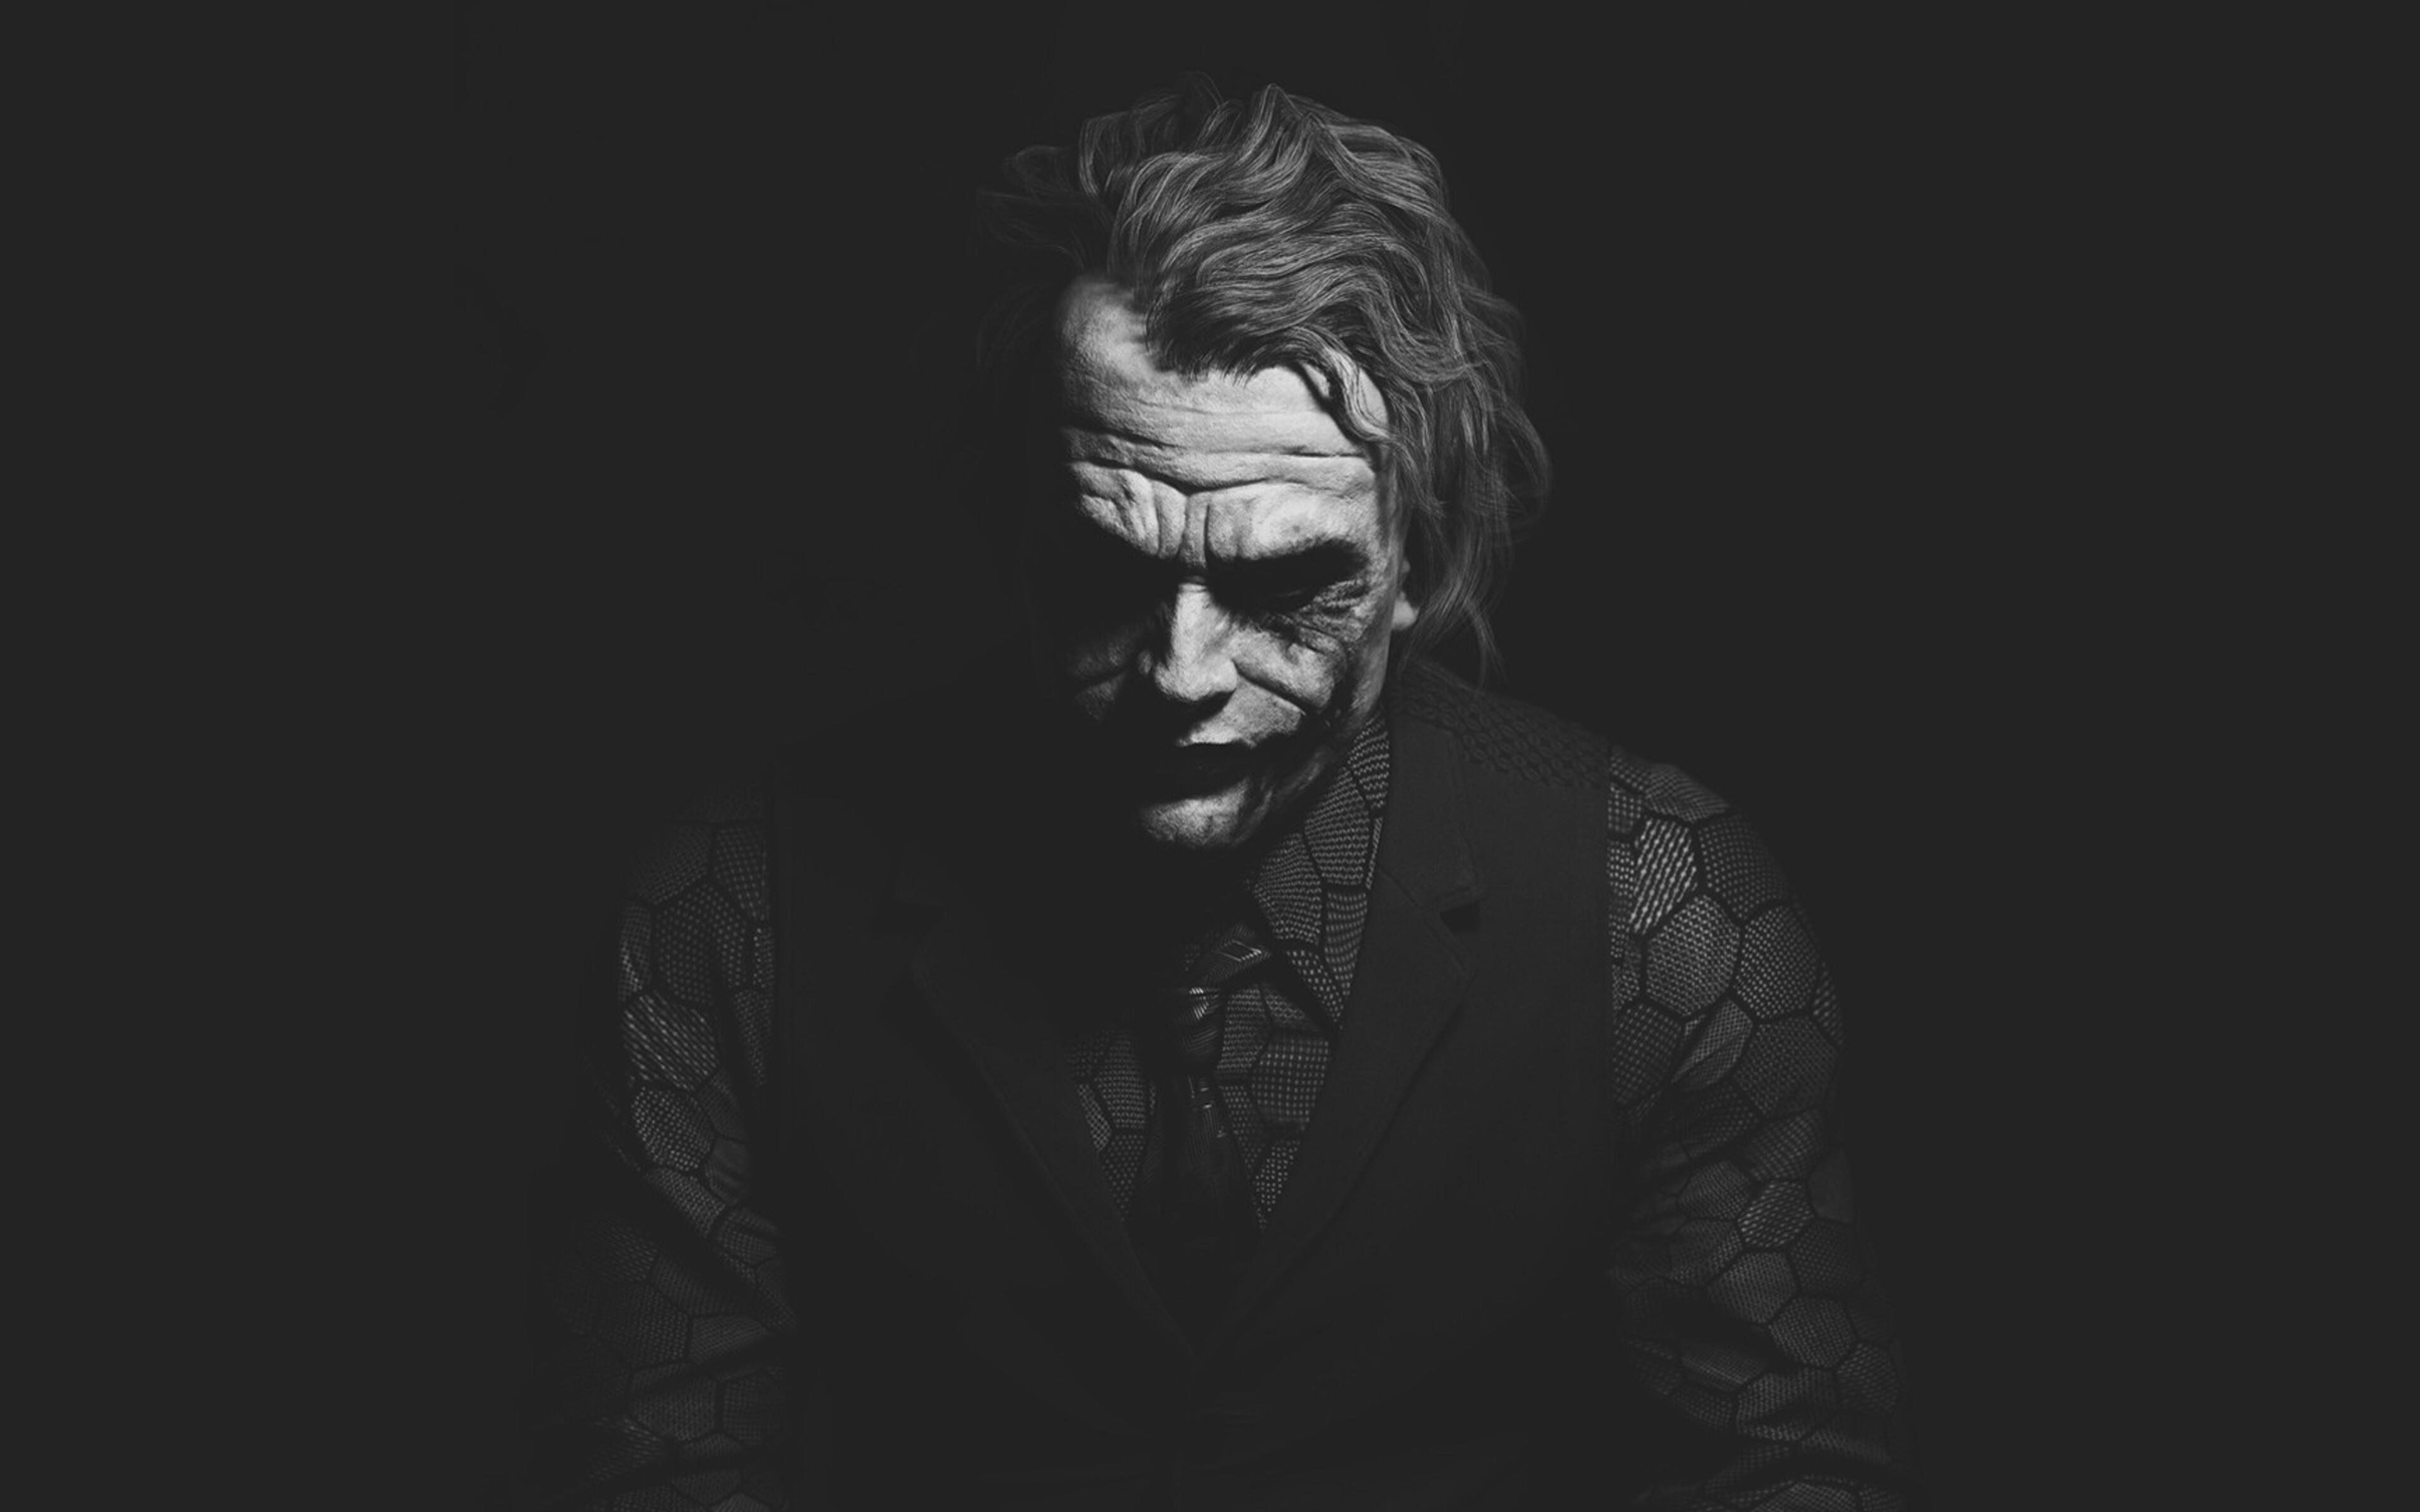 3840x2400 joker 2 4k hd 4k wallpapers images backgrounds for Joker wallpaper 4k